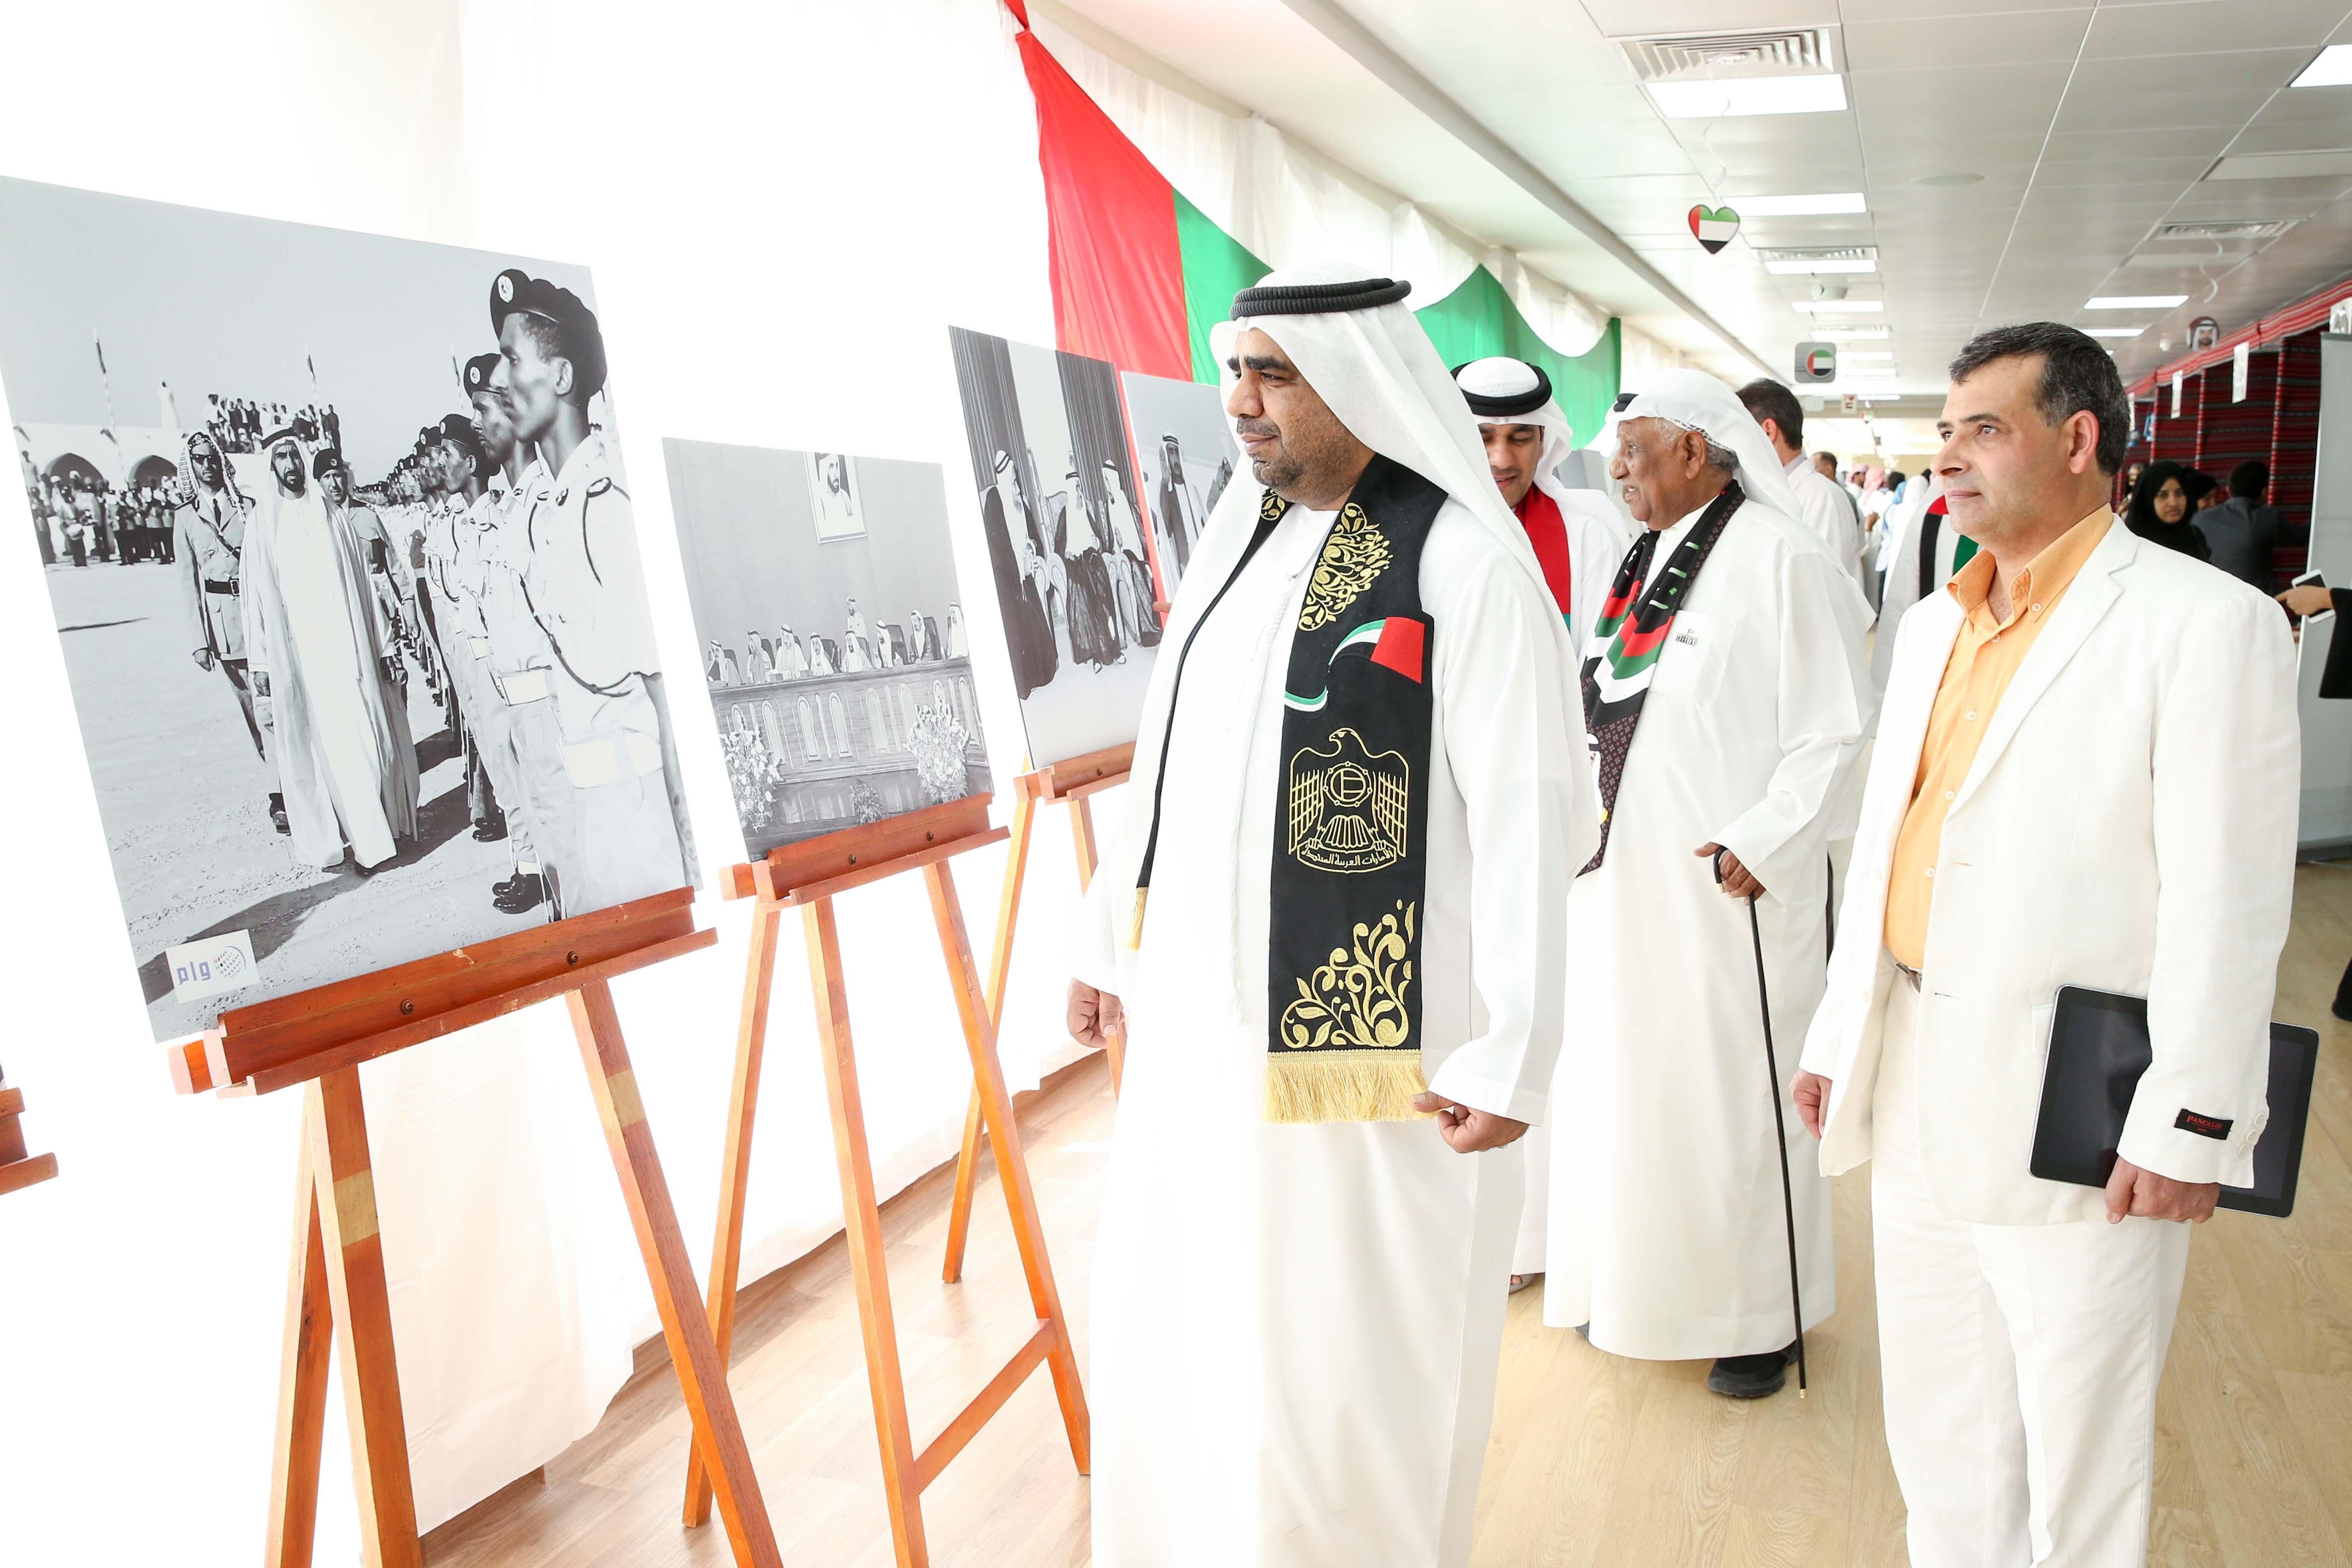 احتفالاً باليوم الوطني الــ 45 جمعية الصحفيين تنظم معرضاً للصور الصحفية بمستشفى الفجيرة